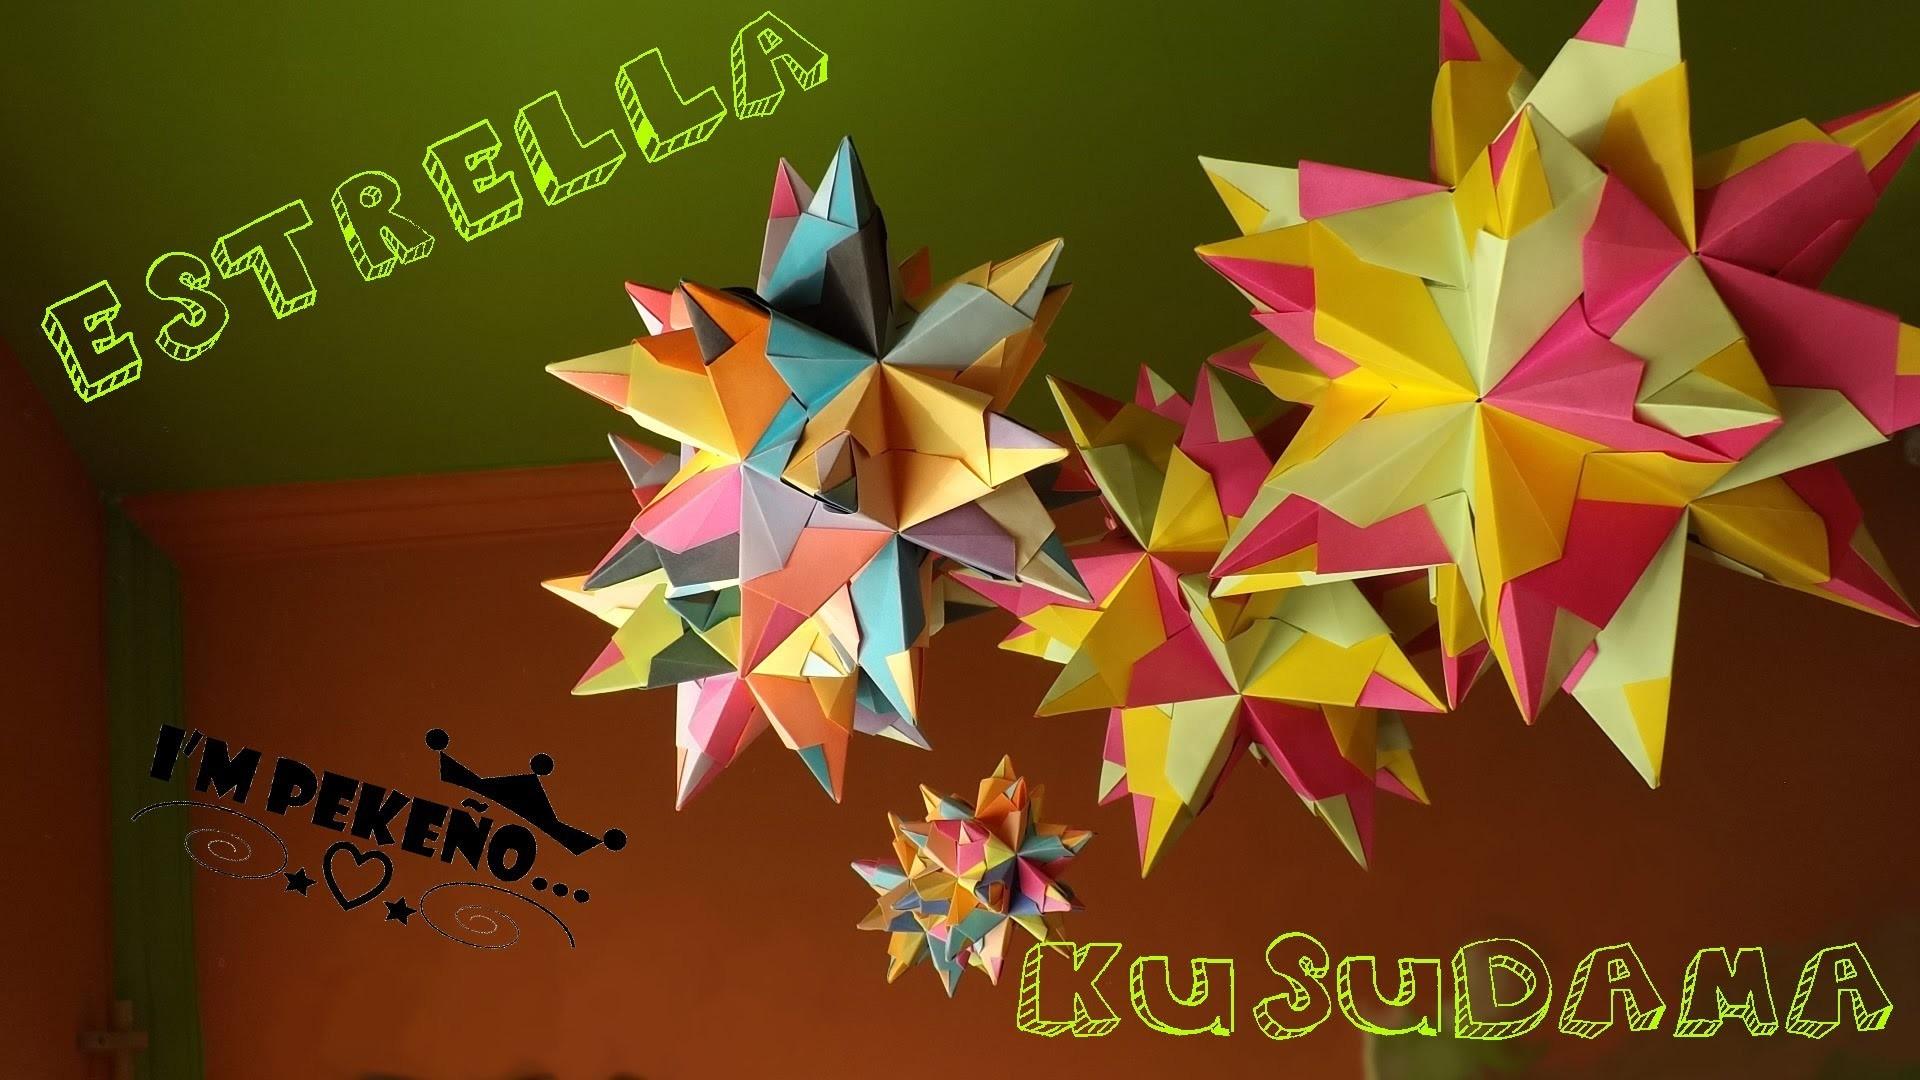 DIY-Estrella Origami Tutorial - Pekeño ♥